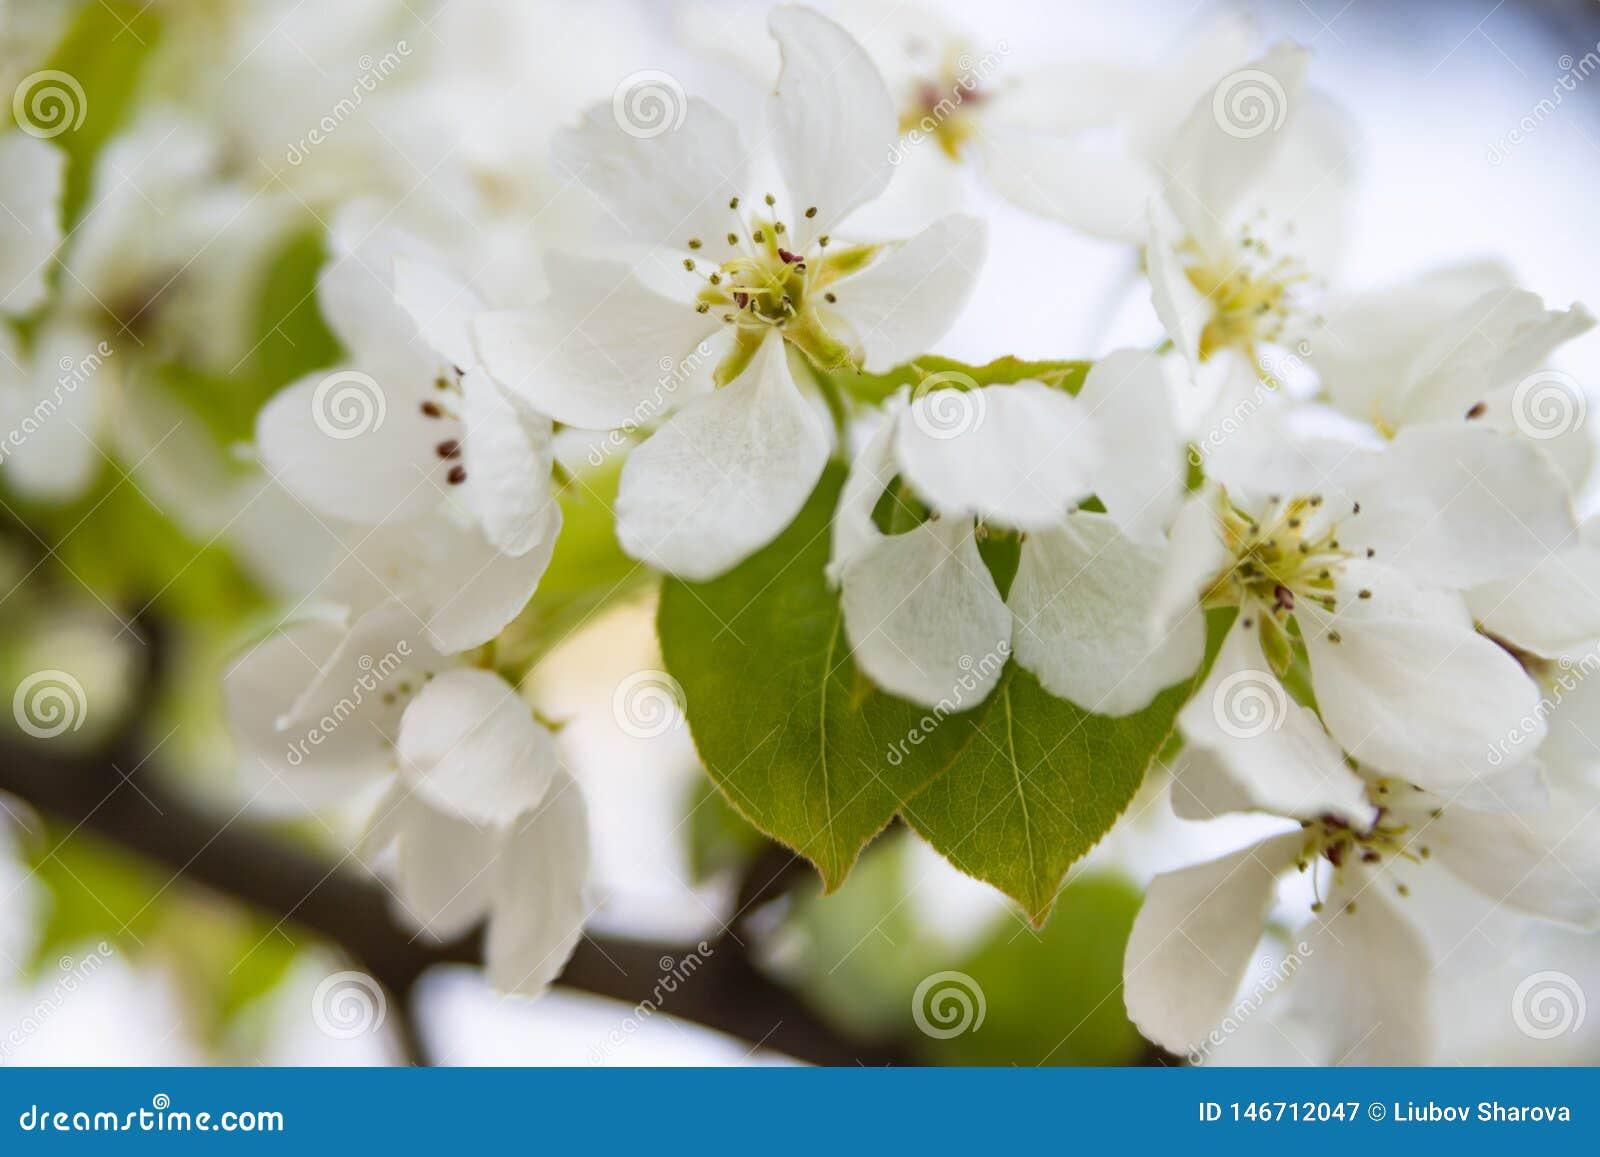 Weiße Blumen der Apfelbaumnahaufnahme auf einem unscharfen Hintergrund